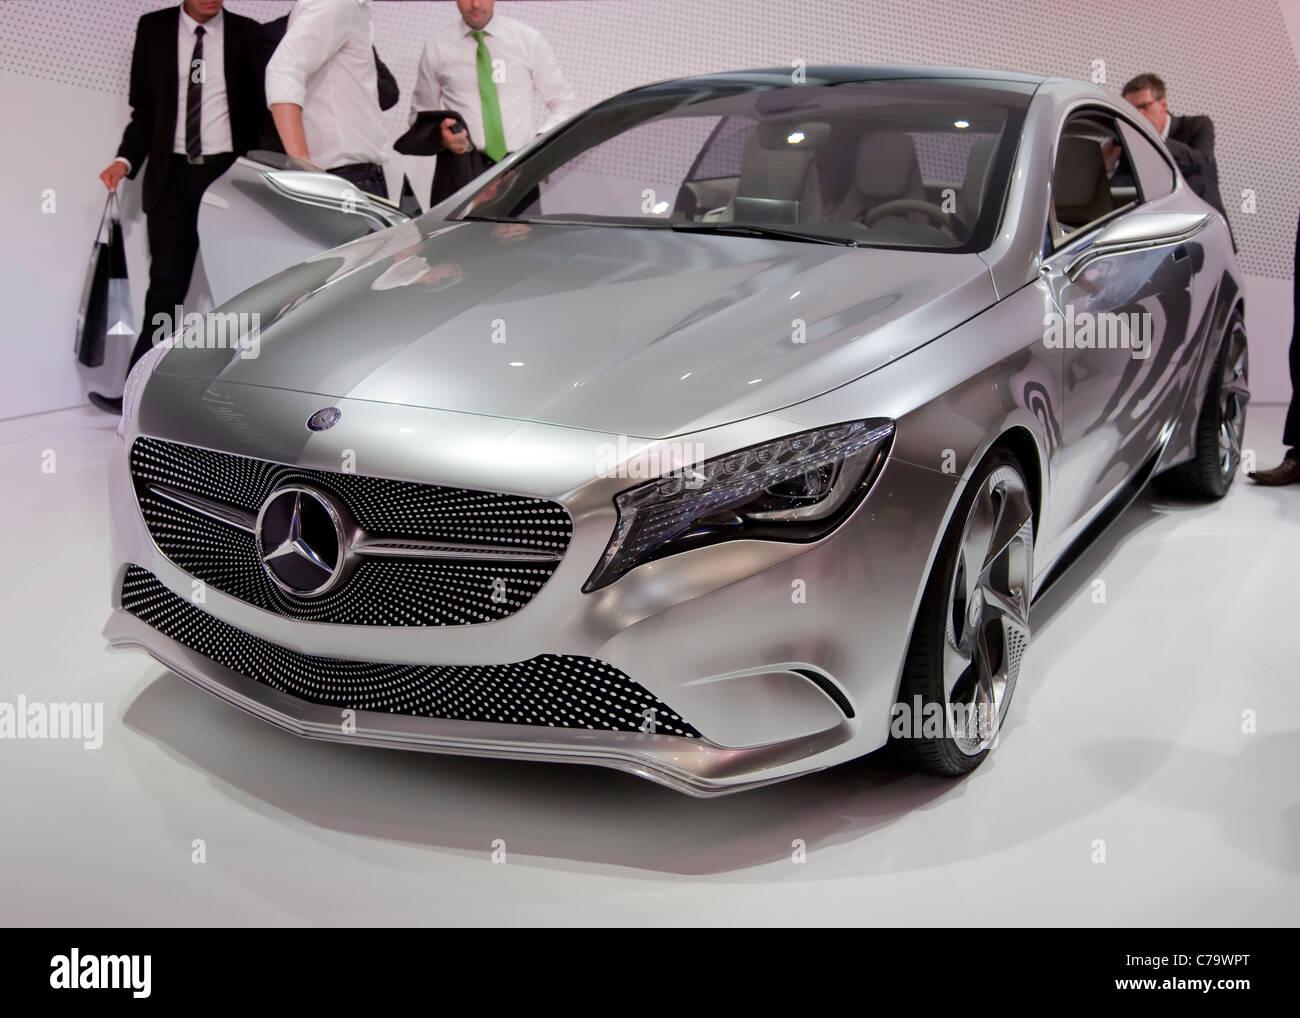 Nouvelle Mercedes Benz A-Class Concept sur l'IAA 2011 International Motor Show de Francfort am Main, Allemagne Photo Stock